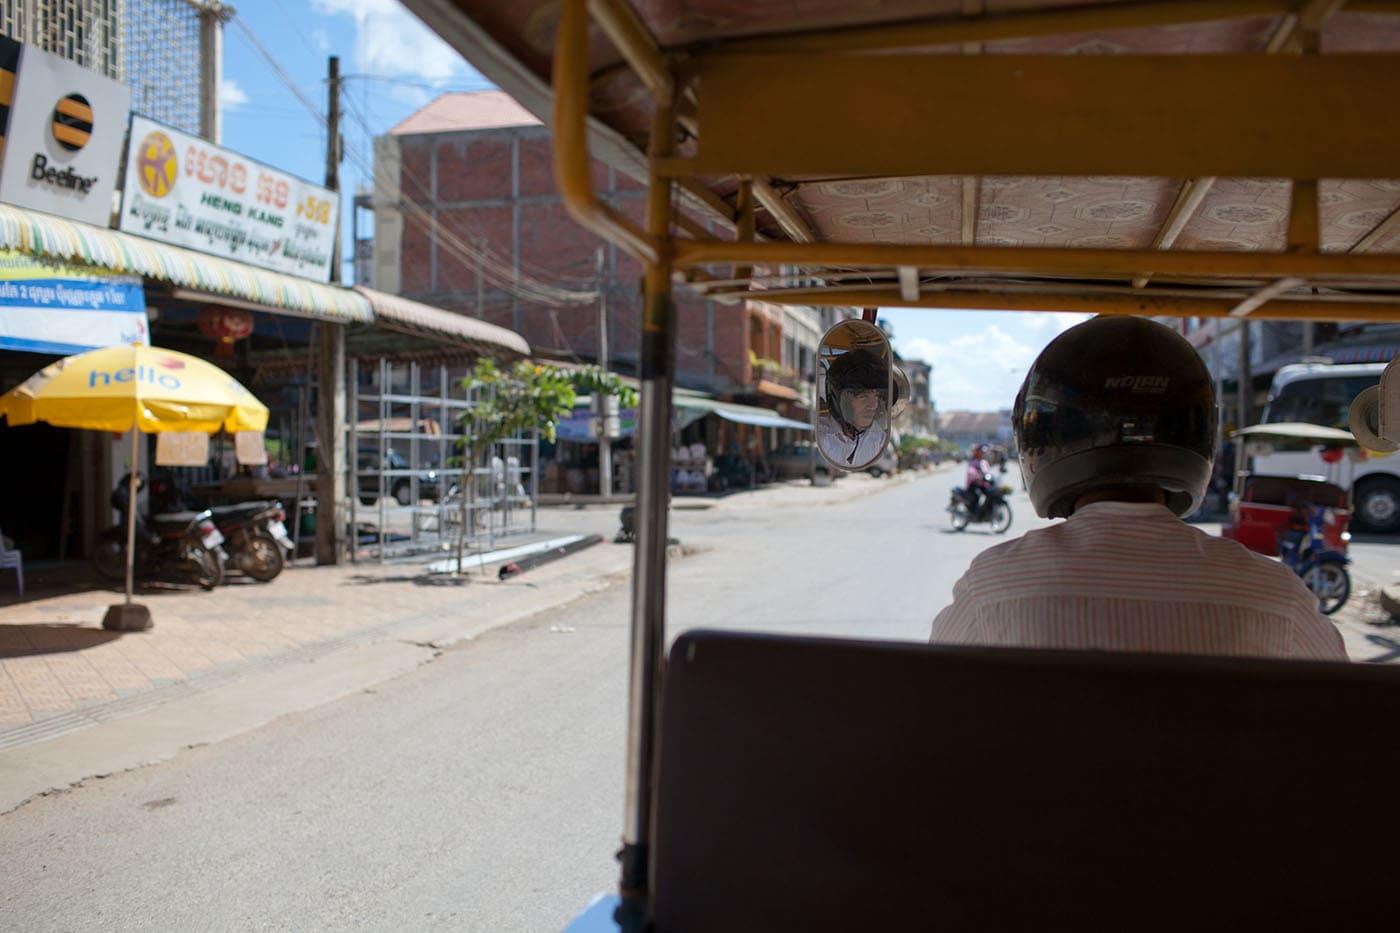 Things to do in Battambang, Cambodia - Tuk-tuk driver in Battambang, Cambodia